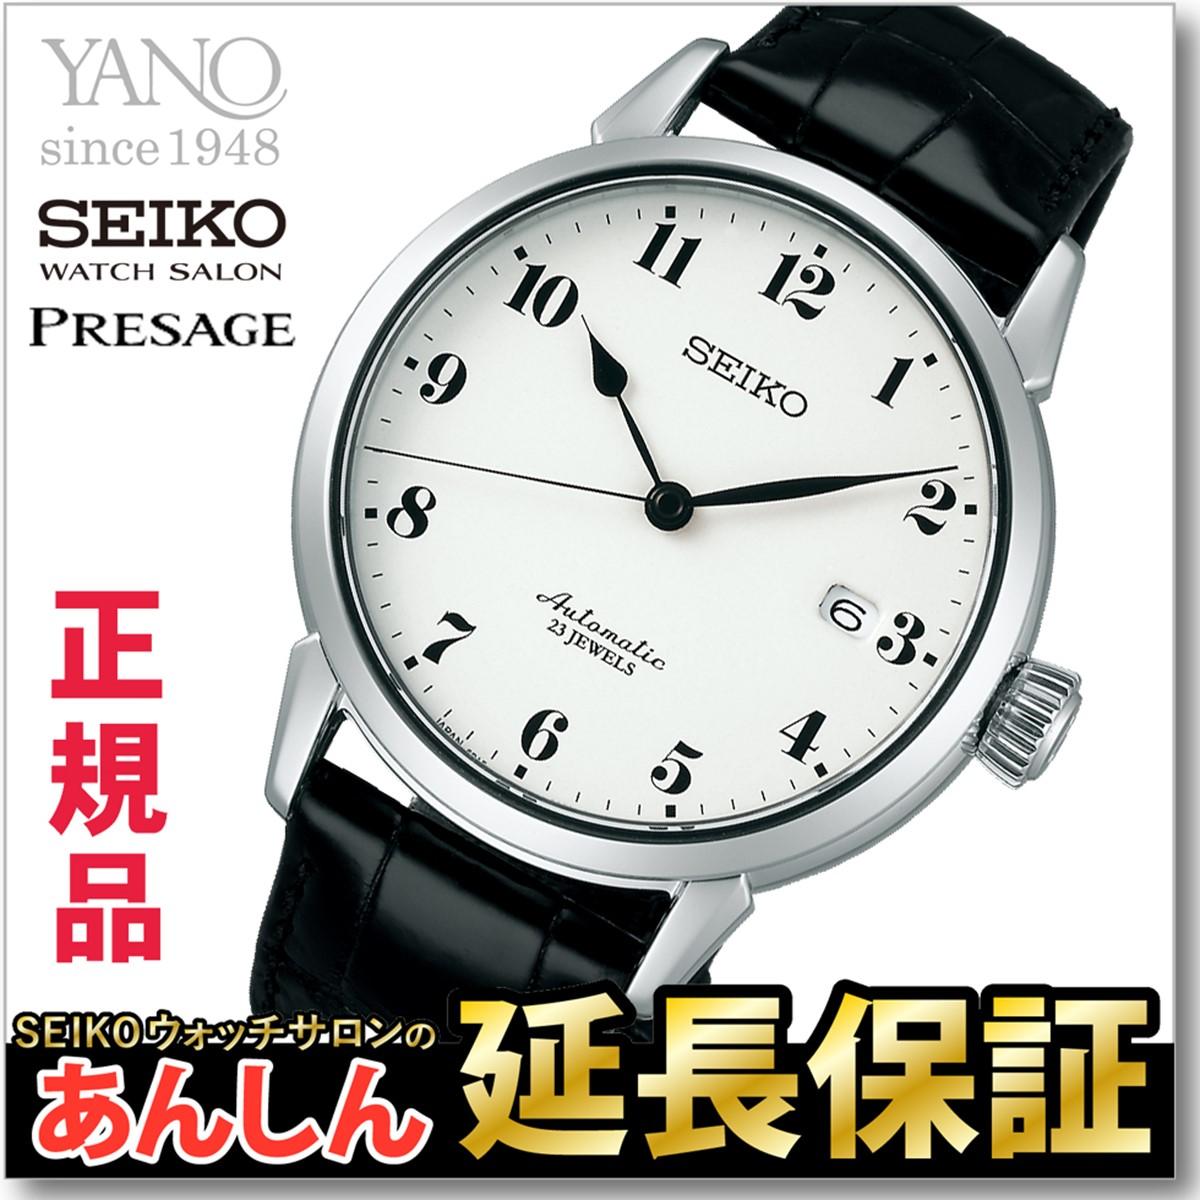 セイコー プレザージュ ほうろうダイヤル SARX027 腕時計 メンズ 自動巻き メカニカル SEIKO PRESAGE【正規品】_10spl【店頭受取対応商品】